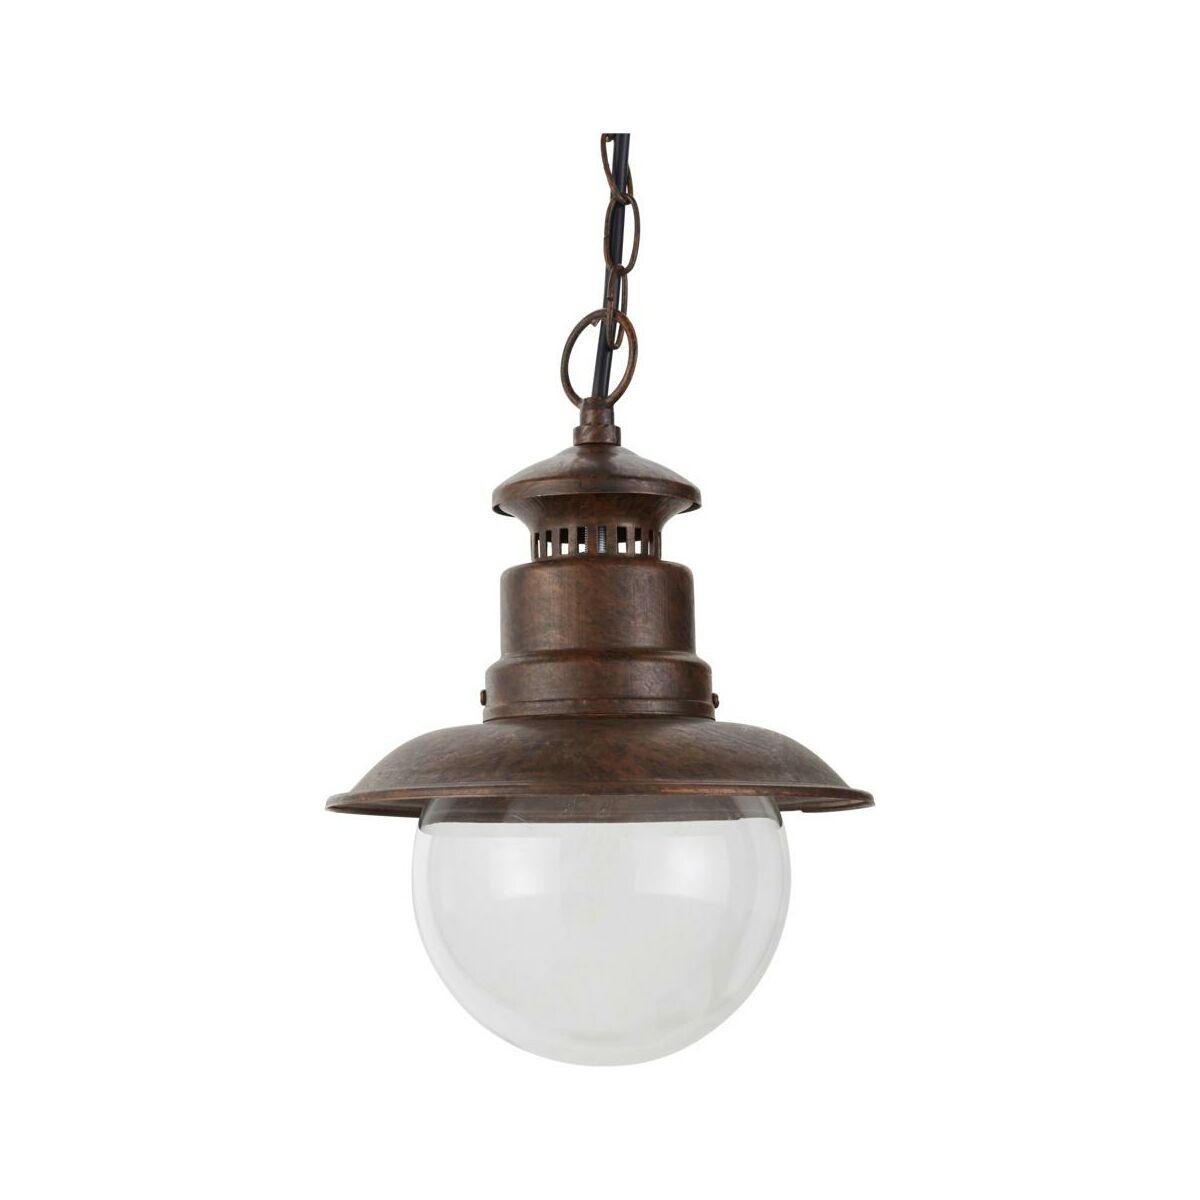 Lampa Ogrodowa Wiszaca Rust Marina Ip44 Patyna E27 Inspire Oswietlenie Ogrodowe Napieciowe W Atrakcyjnej Cenie W Sklepach Leroy Merlin